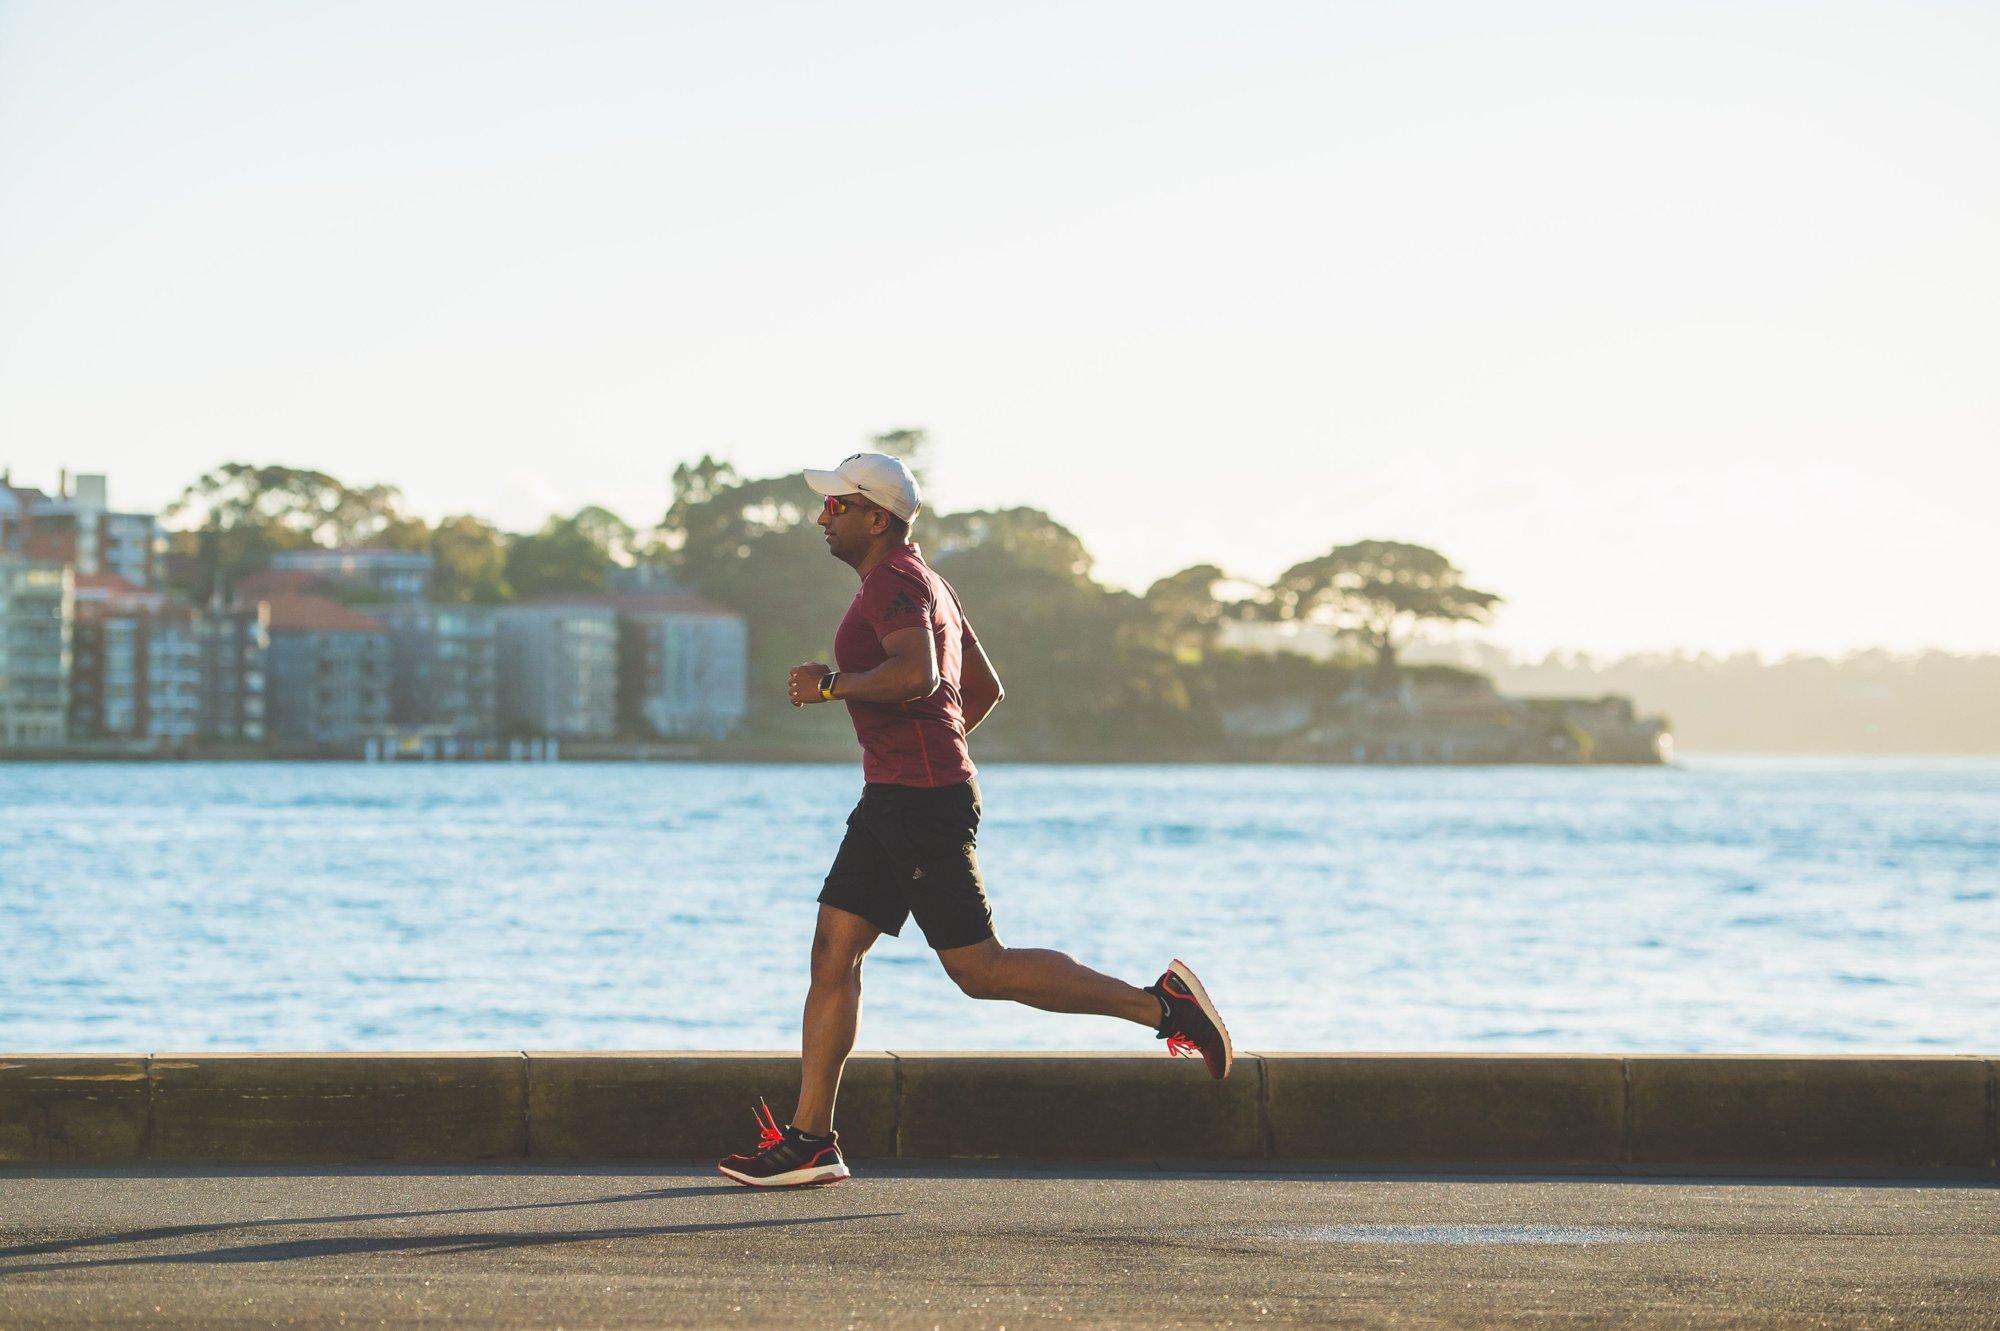 Як бігати, щоб схуднути: головні правила